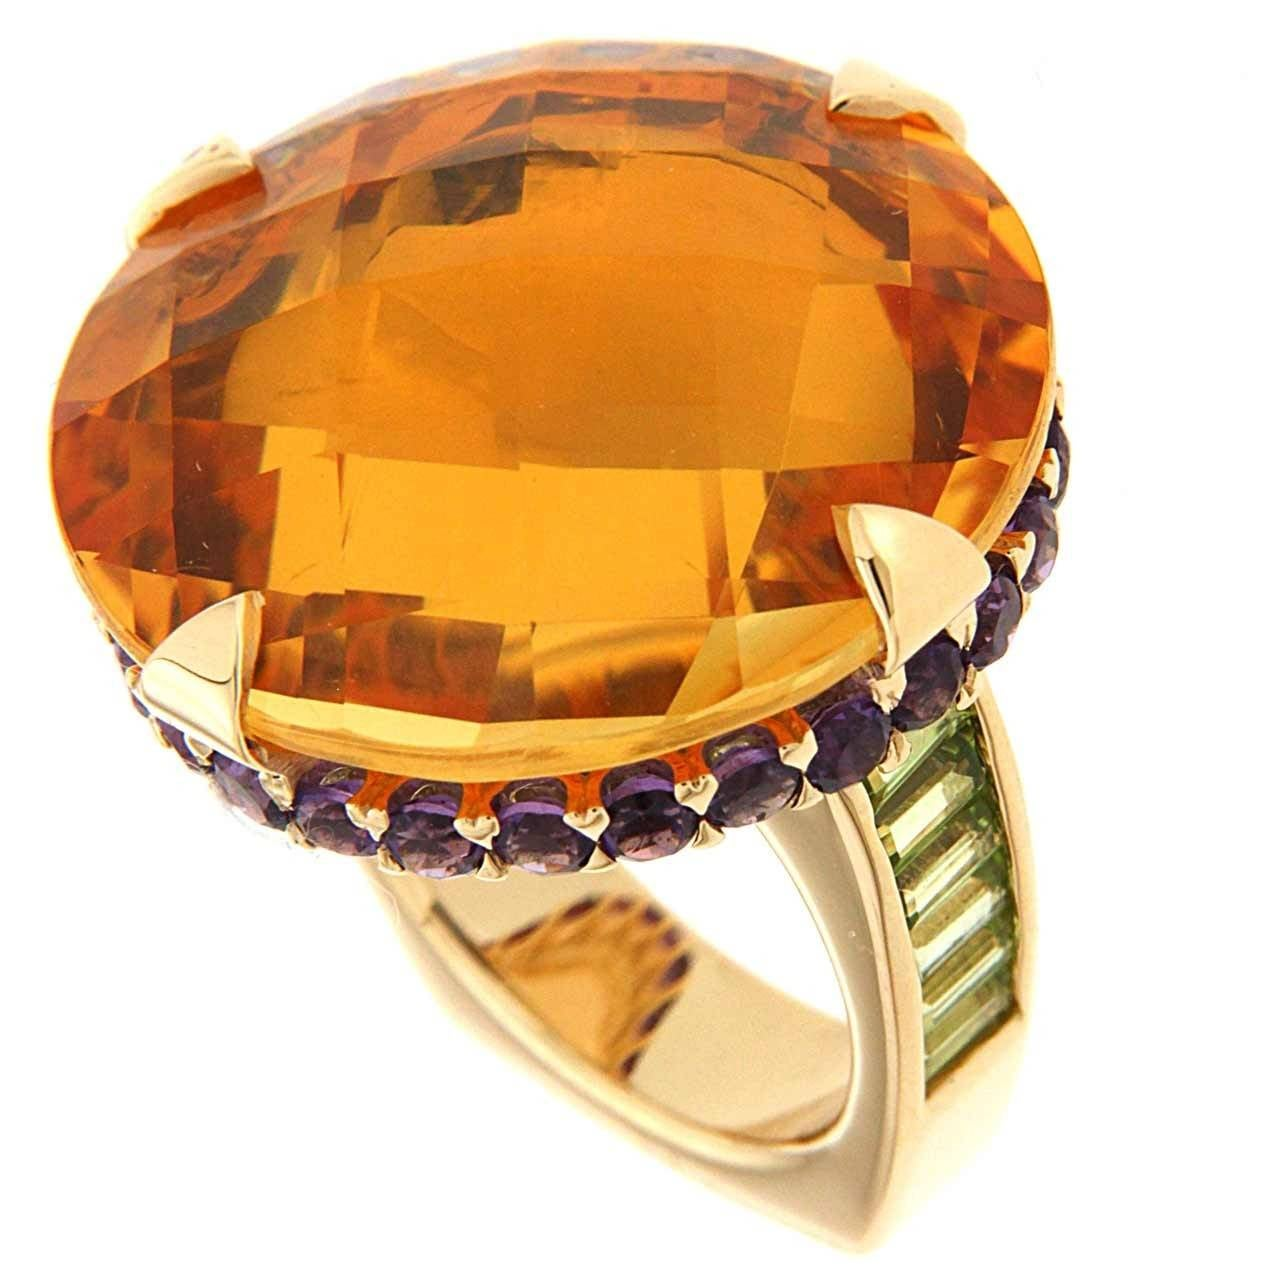 Unique Citrine Amethyst Peridot Gold Checkerboard Ring